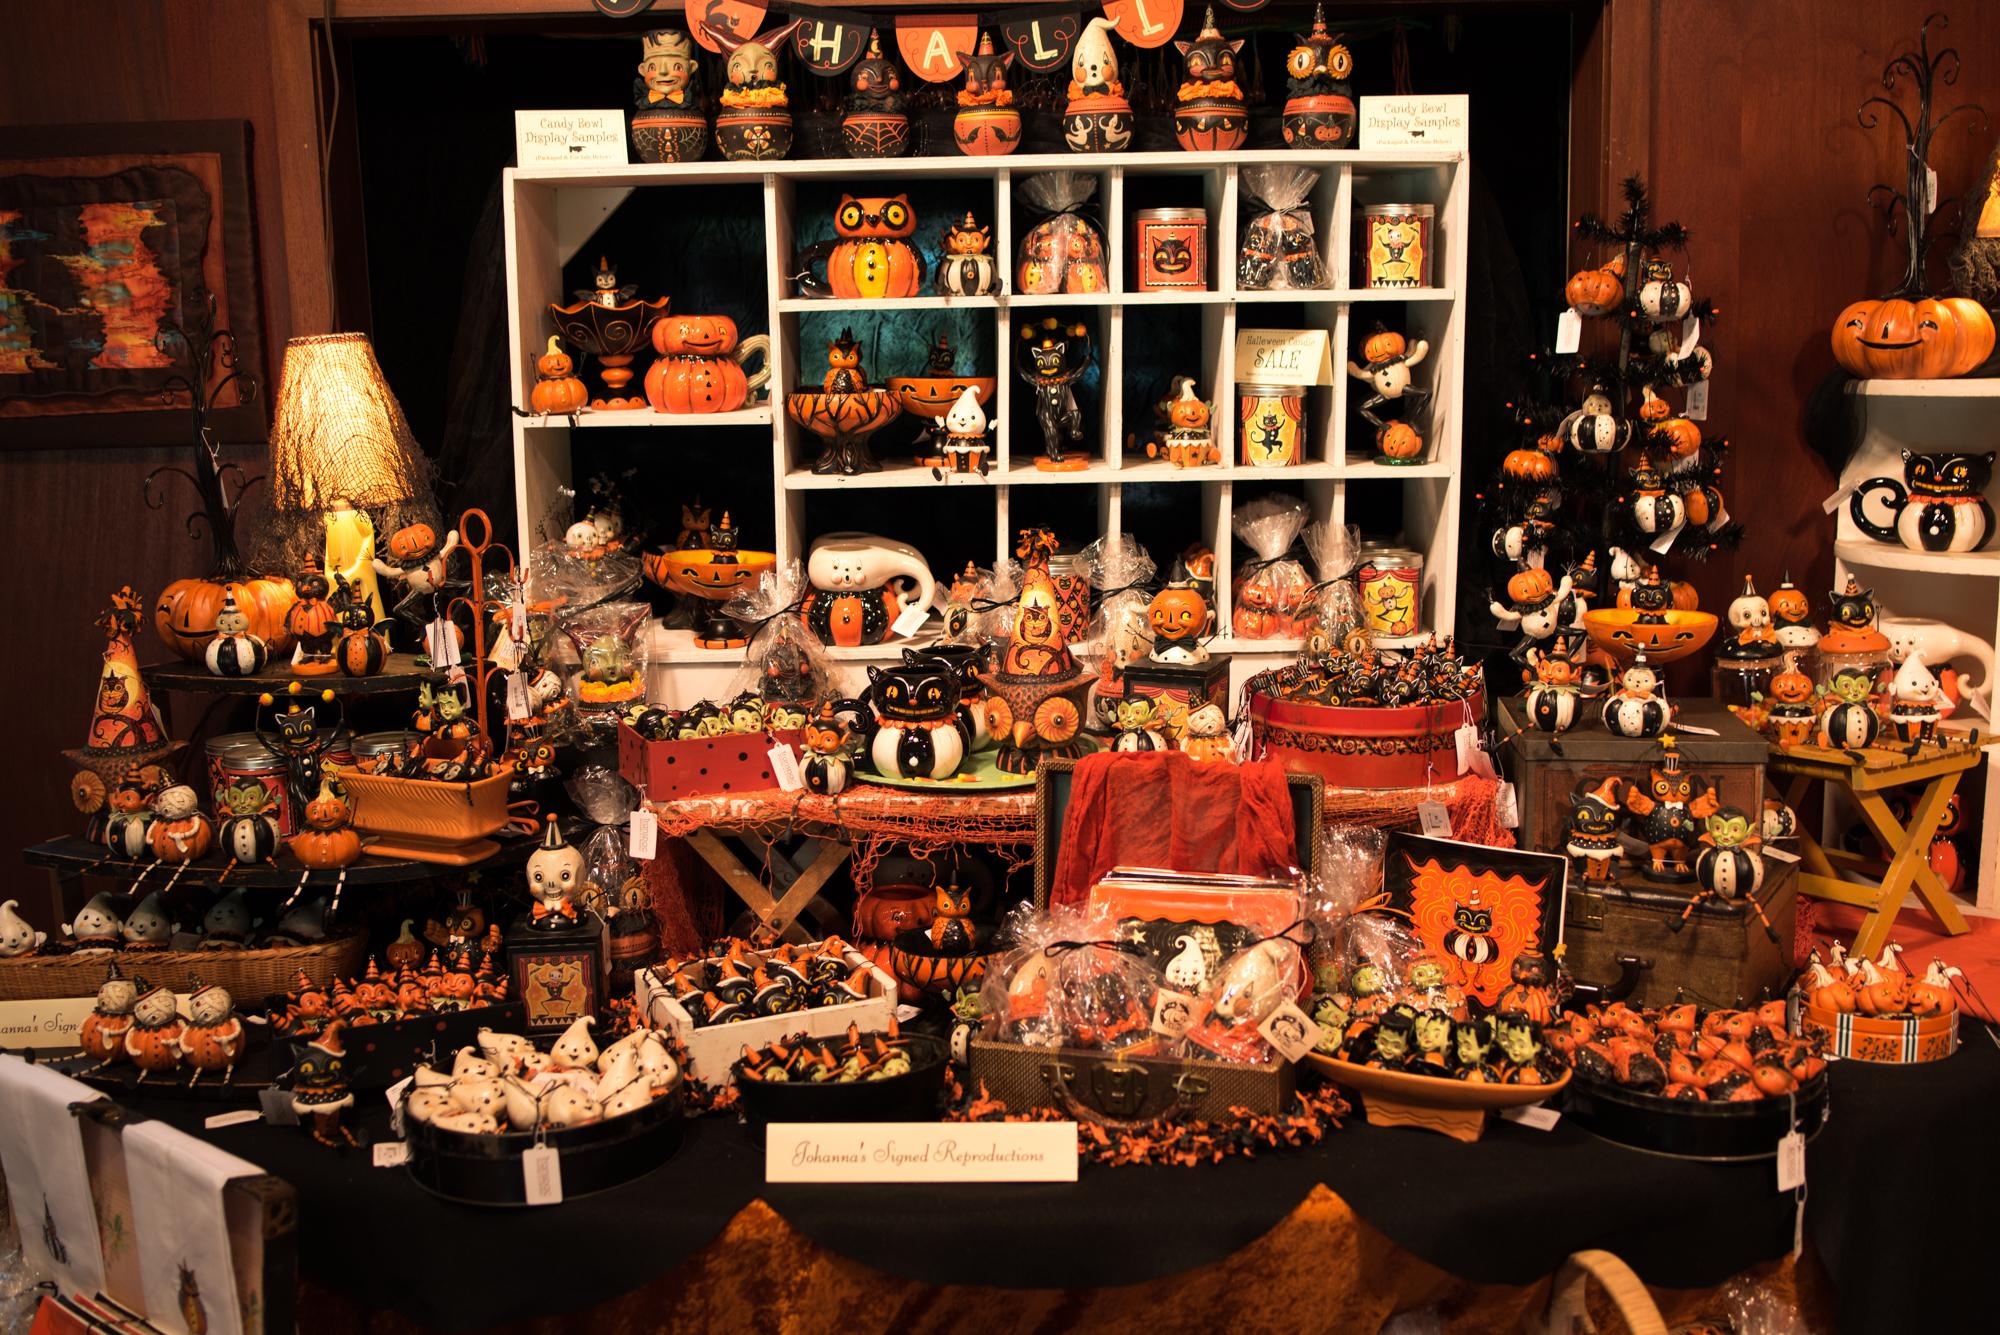 Halloween Display Table